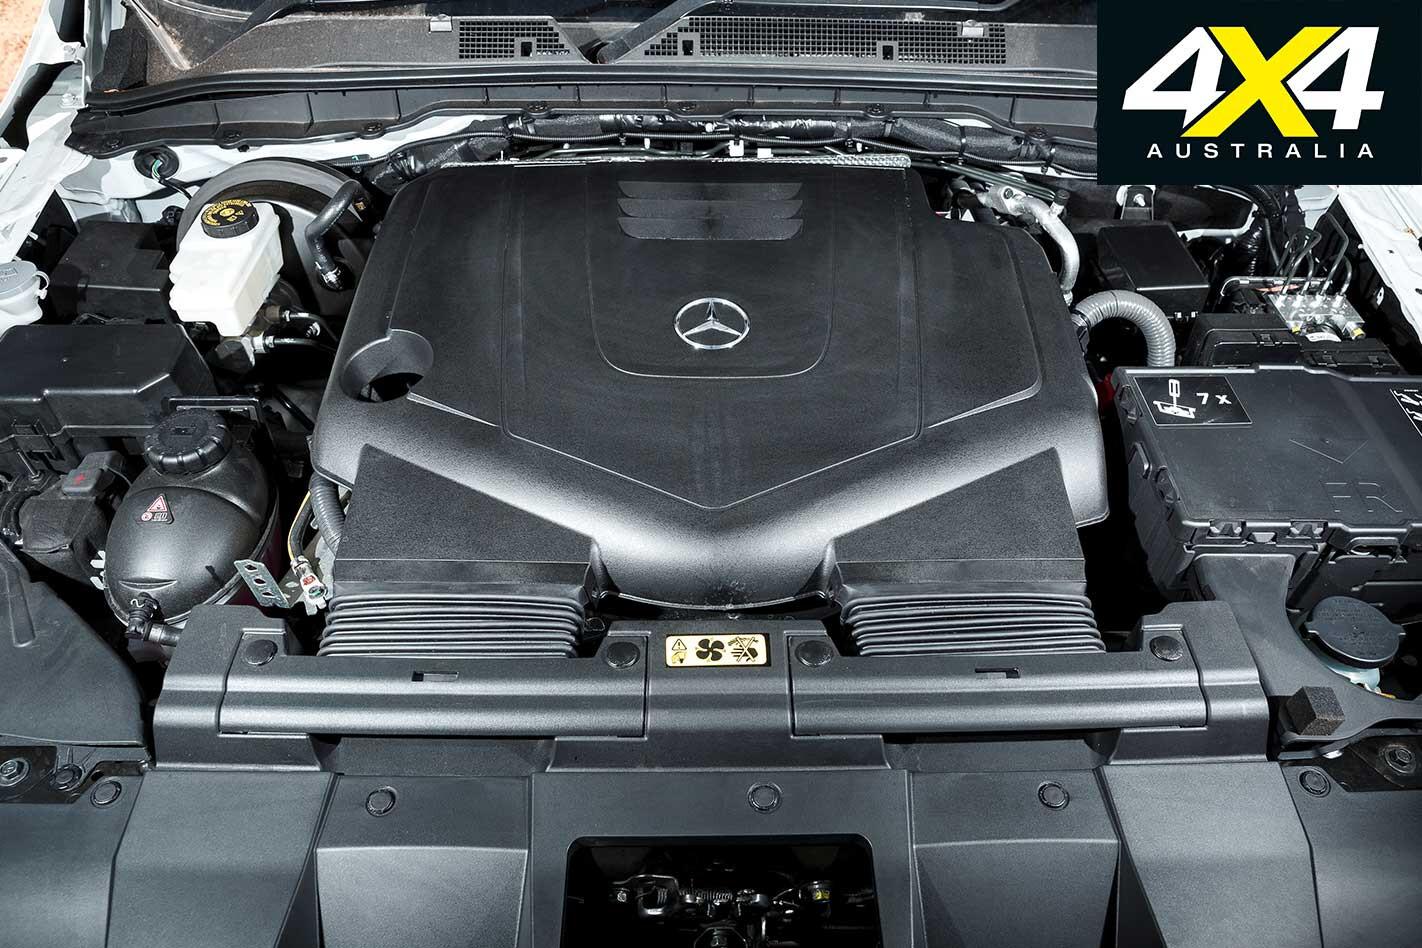 2019 Mercedes Benz X 350 D Engine Jpg